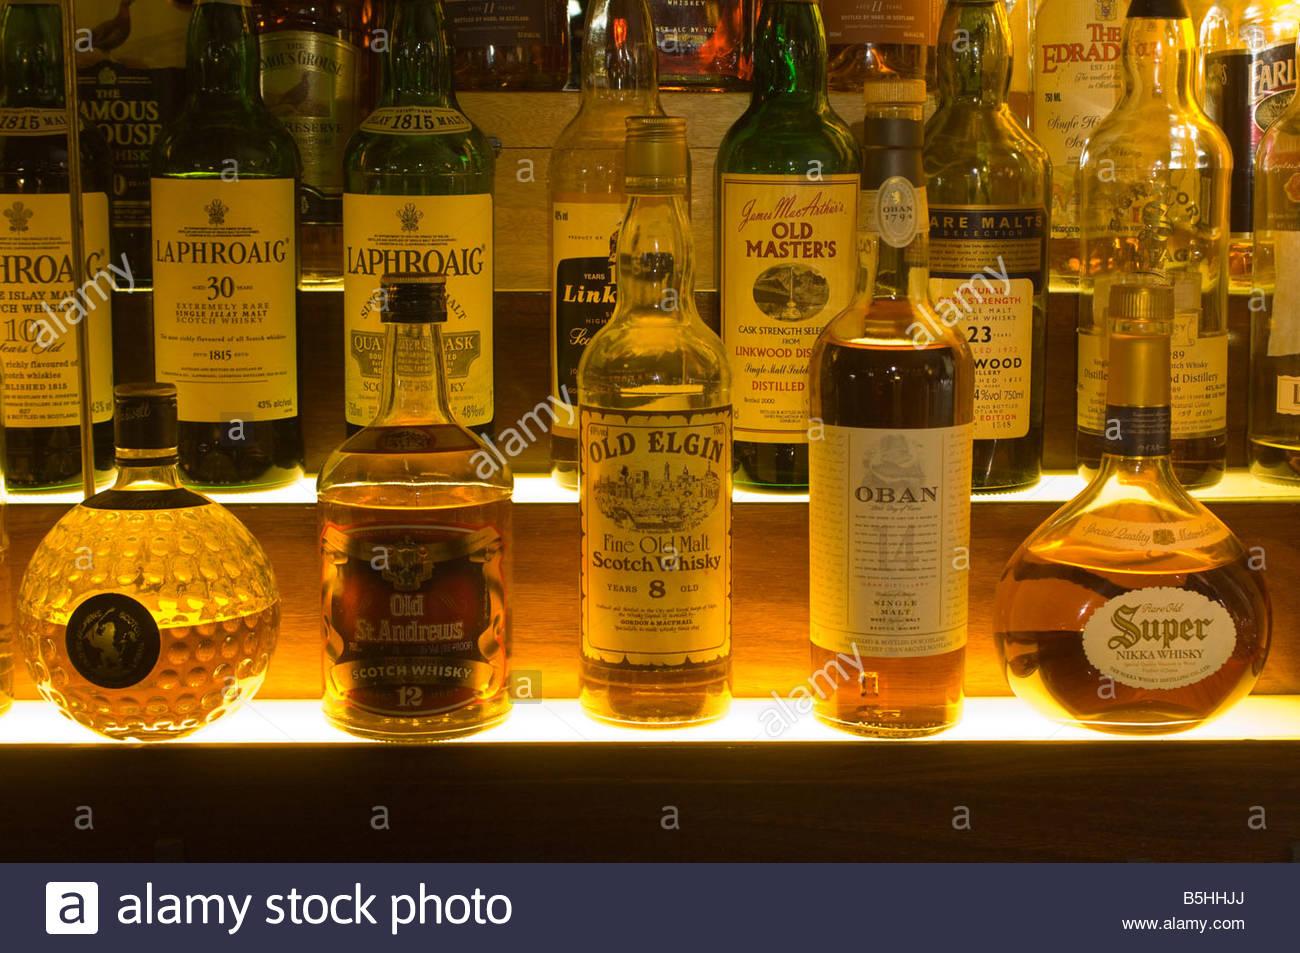 Whisky Bottles Bar Stockfotos & Whisky Bottles Bar Bilder - Seite 2 ...